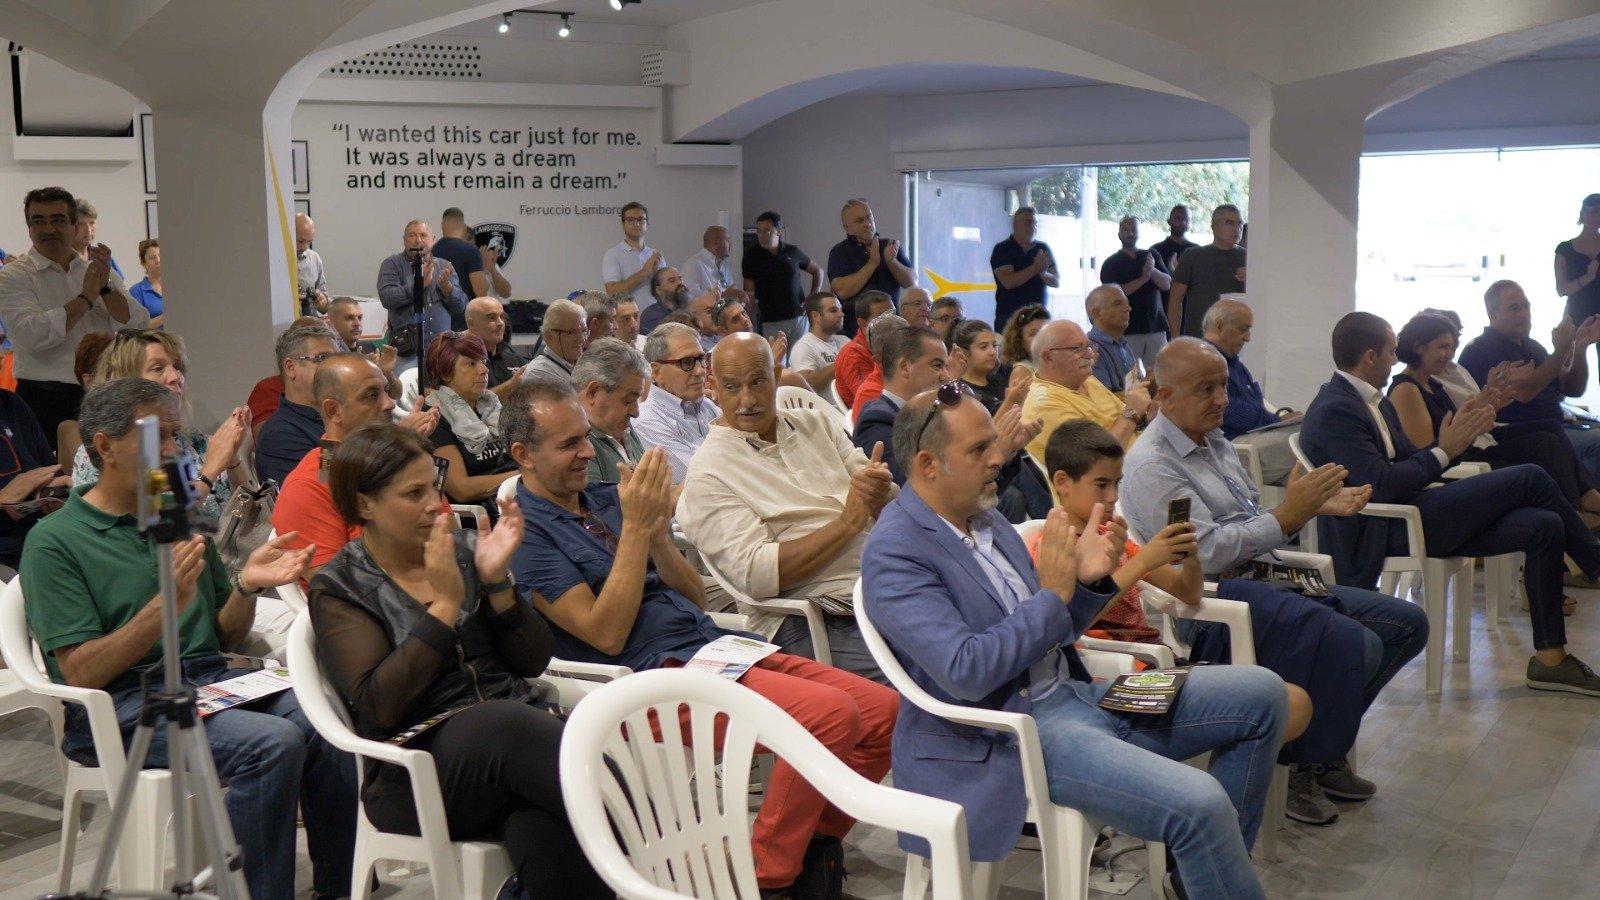 È stata presentata a Porto Cervo l'ottava edizione del Rally Terra Sarda in programma dal 4 al 6 ottobre, organizzata dalla Porto Cervo Racing.